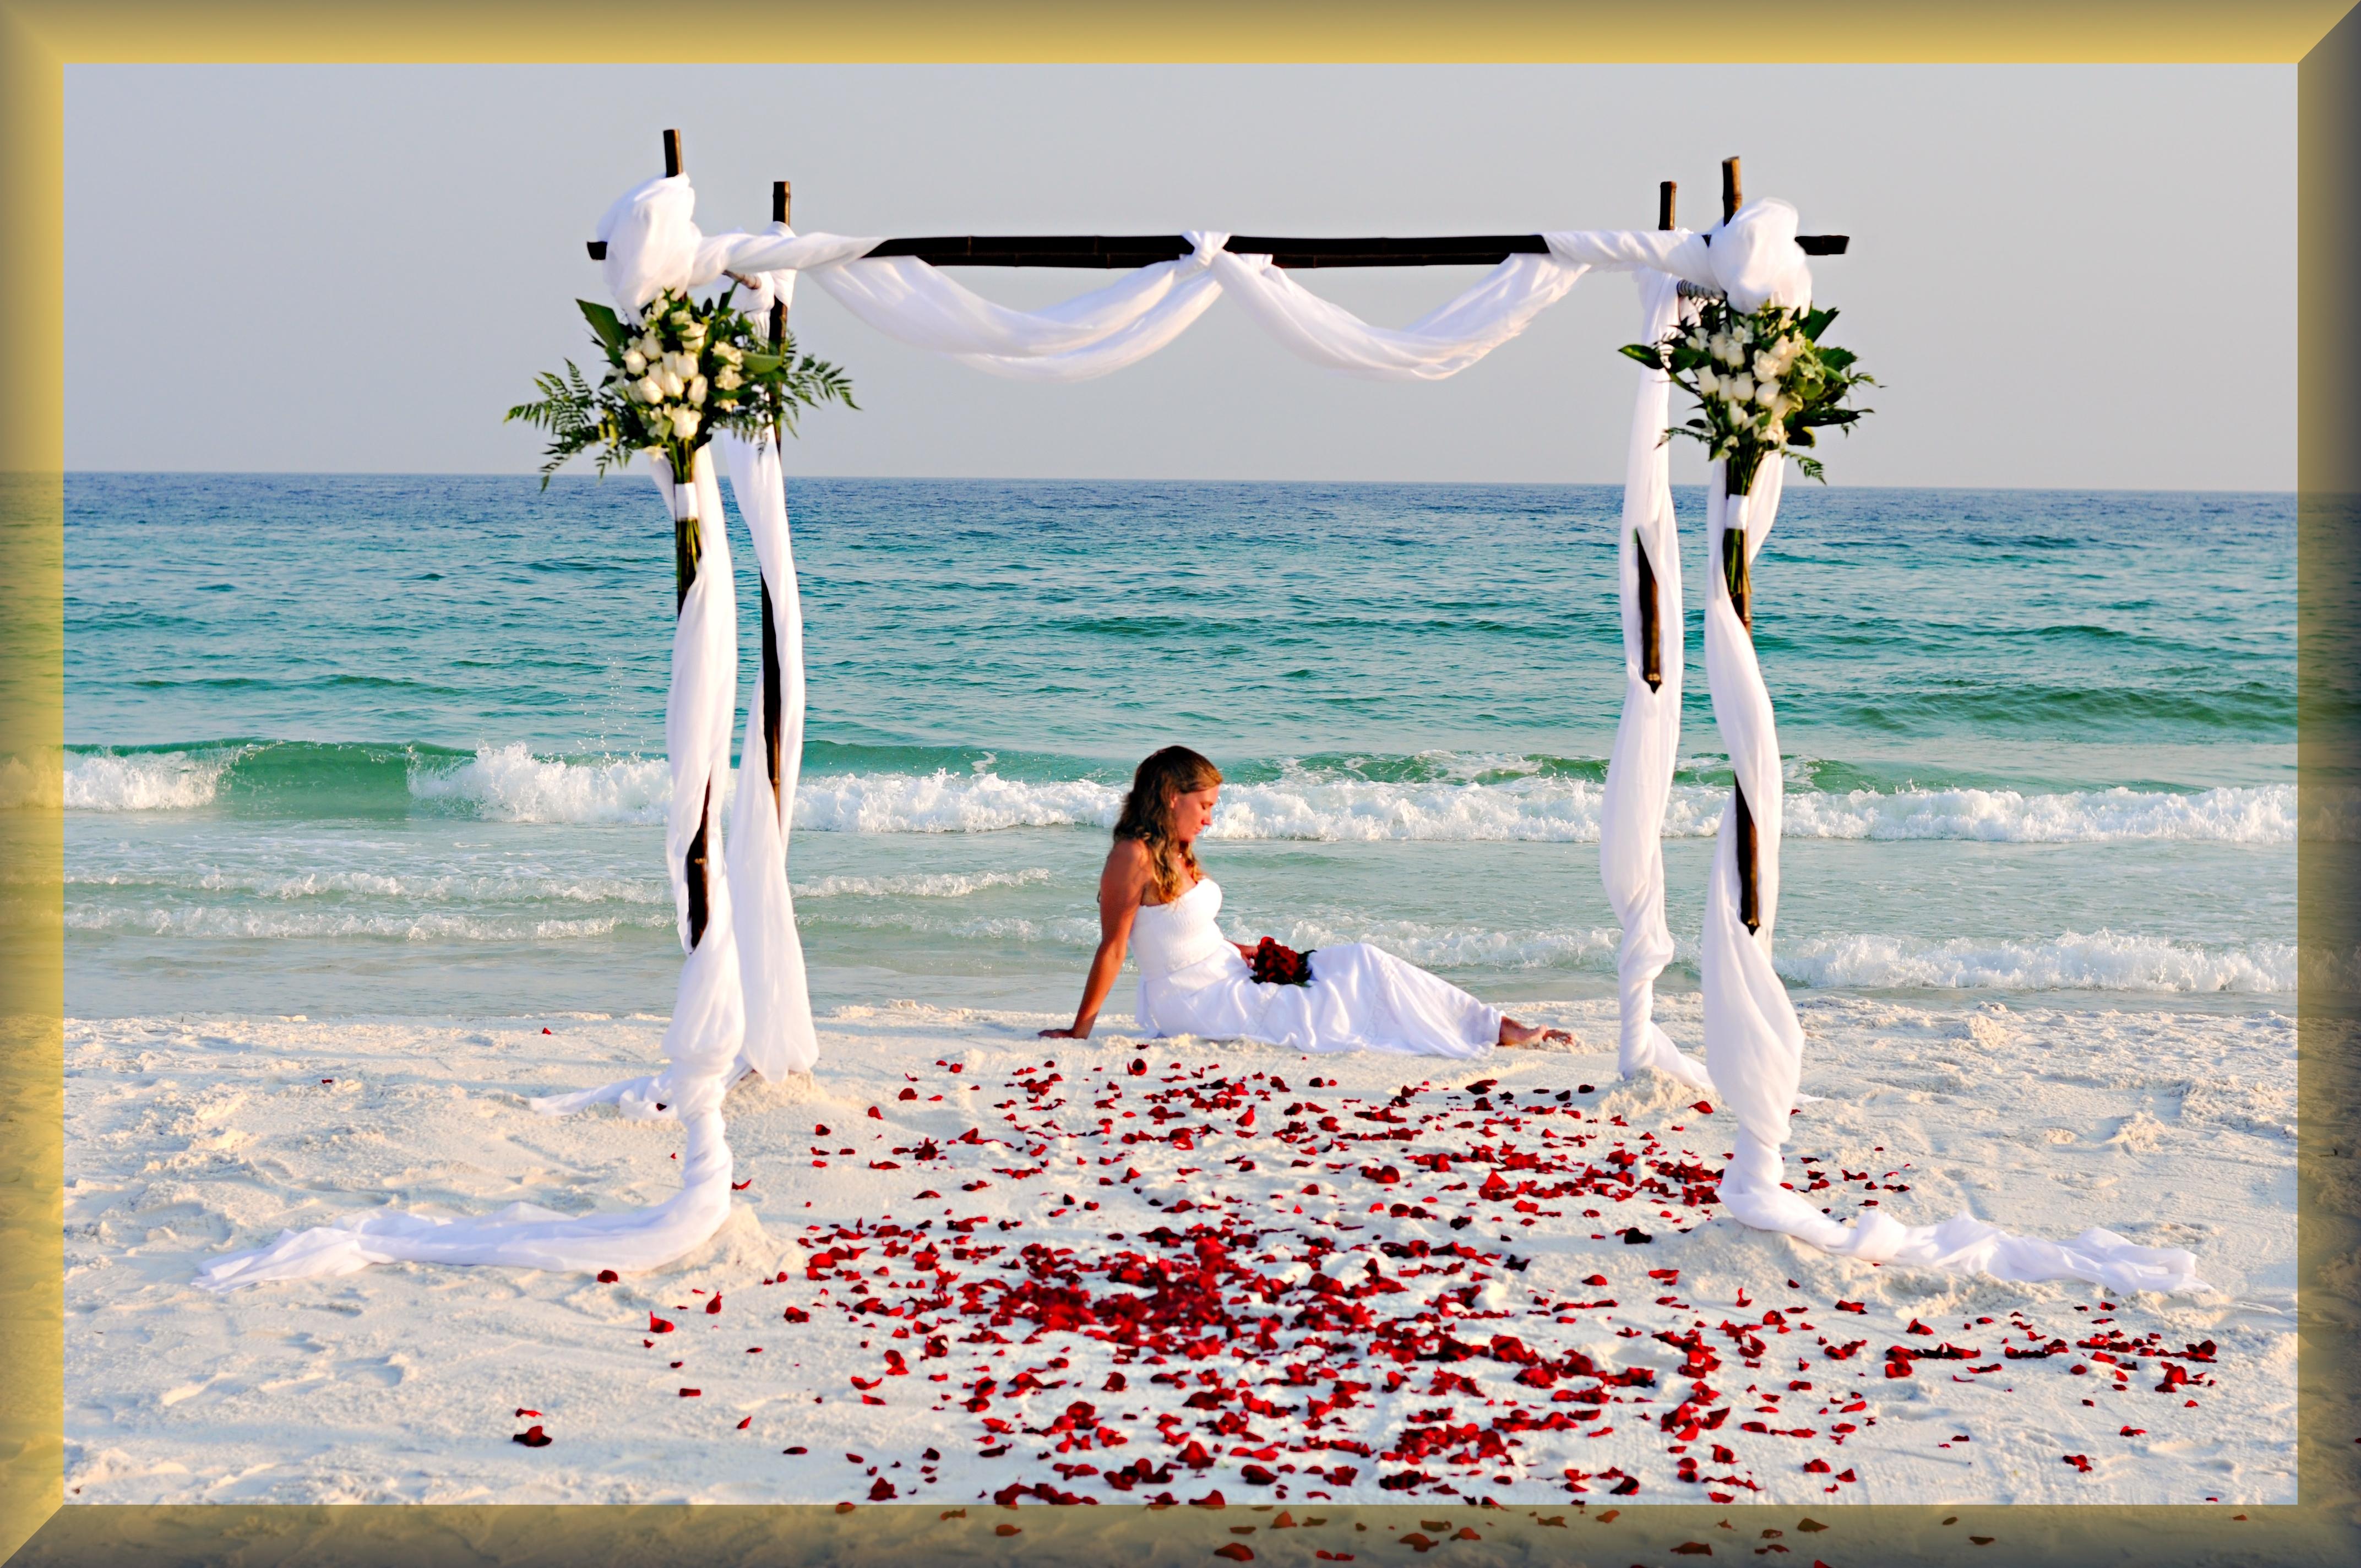 Destin Florida Beach Weddingspanama Citypensacola Wedding